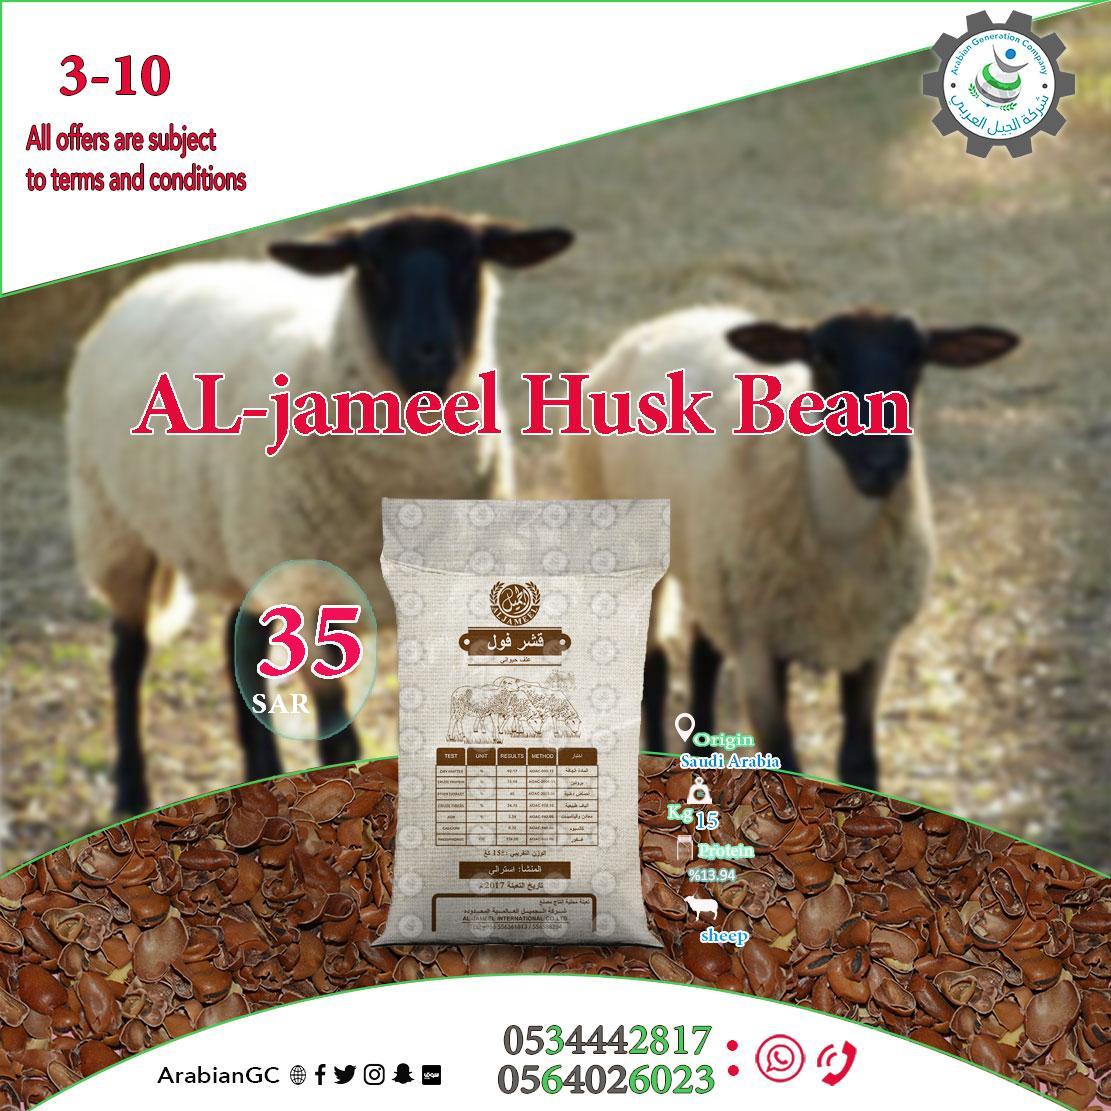 Husk Bean Sale from Arabian d.php?hash=1BBE5R8JK